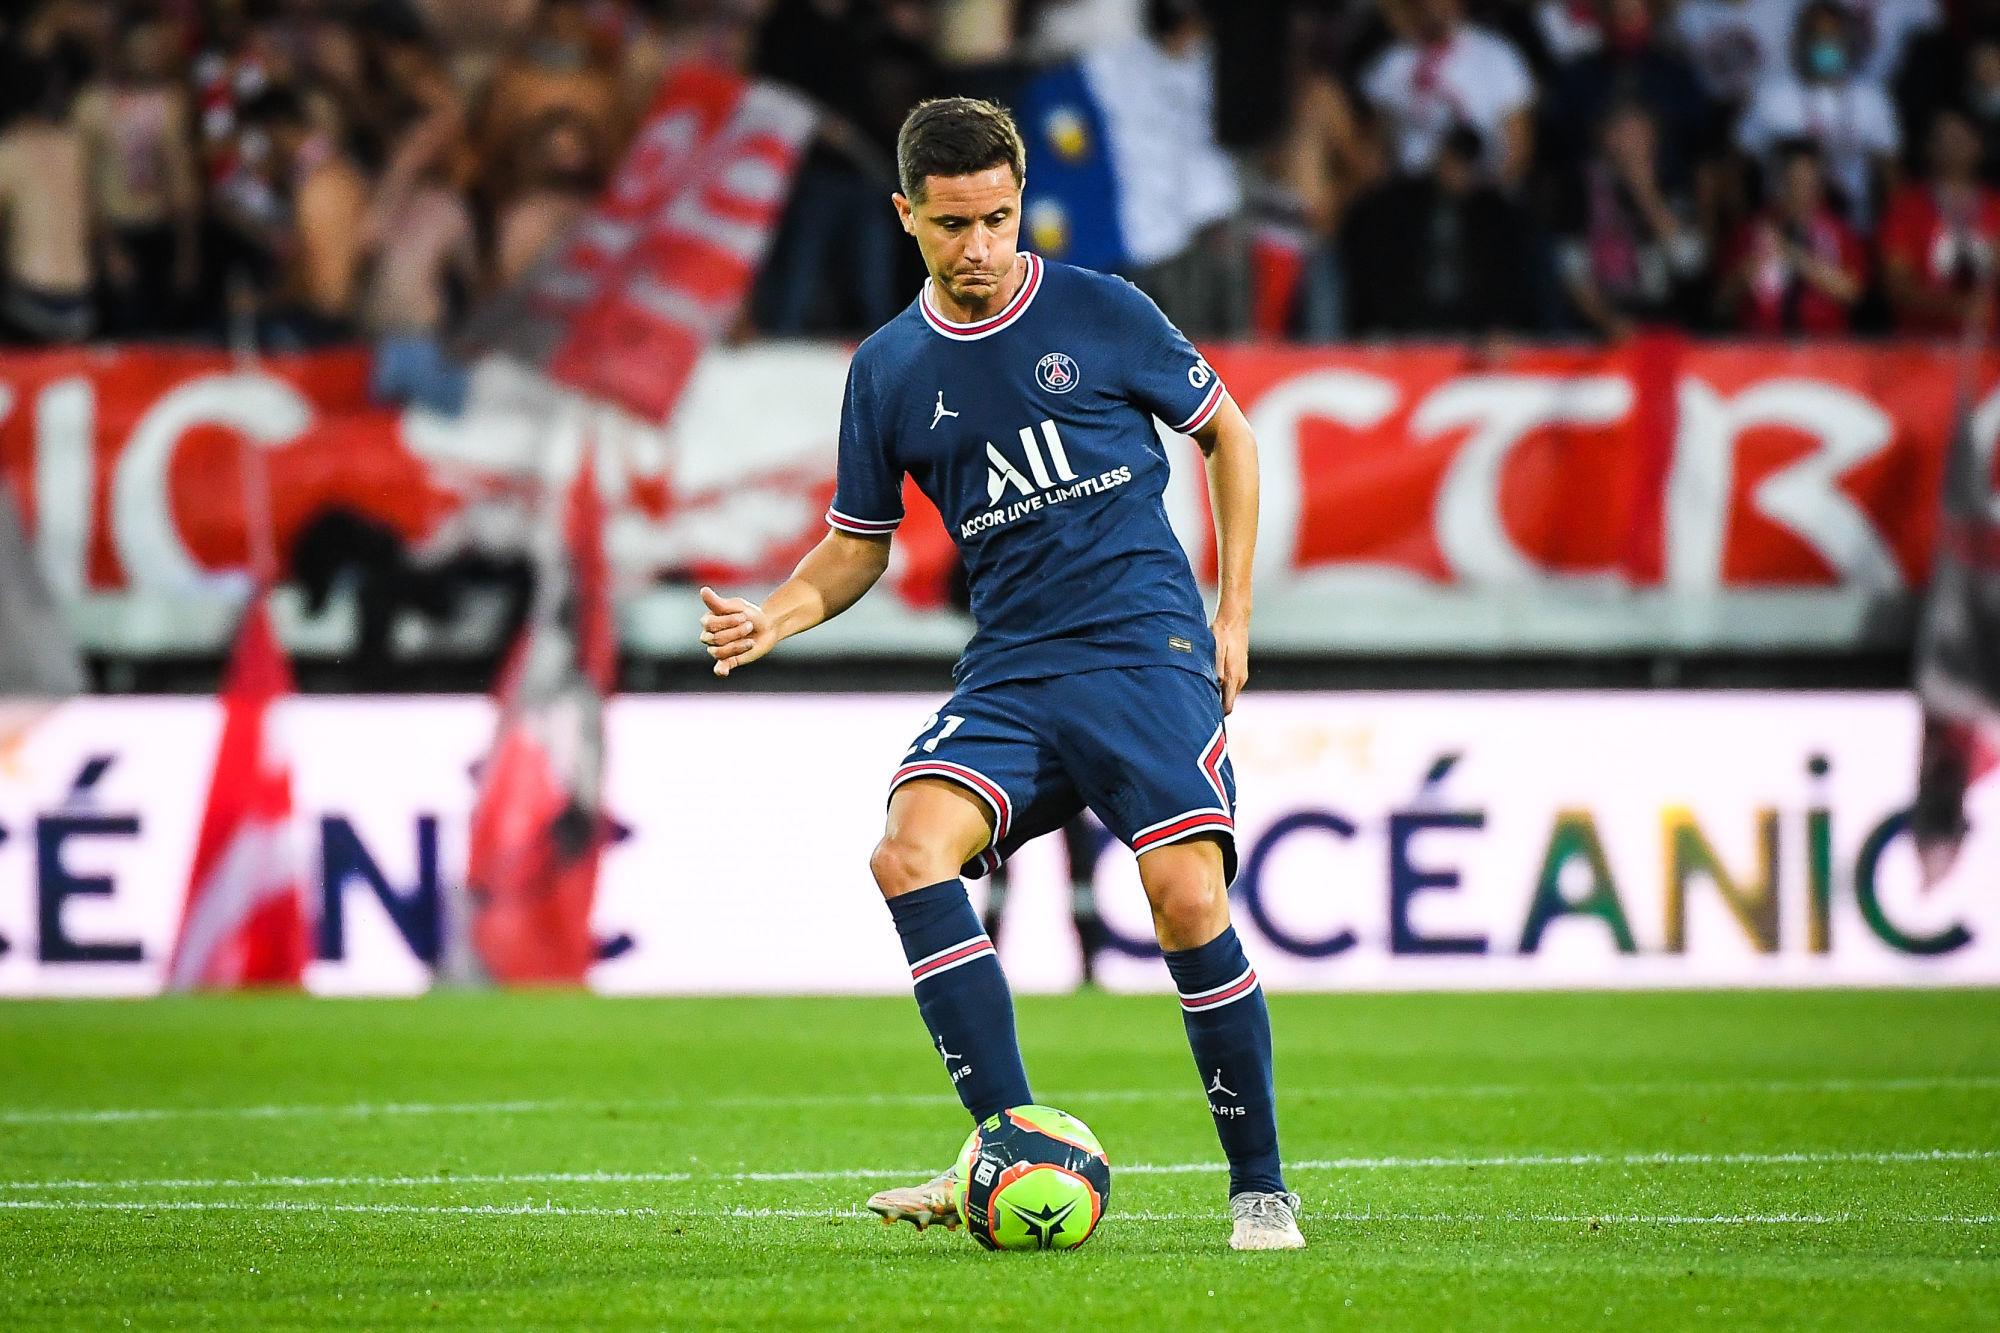 PSG/City - Herrera évoque la pression, la progression, la mentalité, Neymar et Mbappé